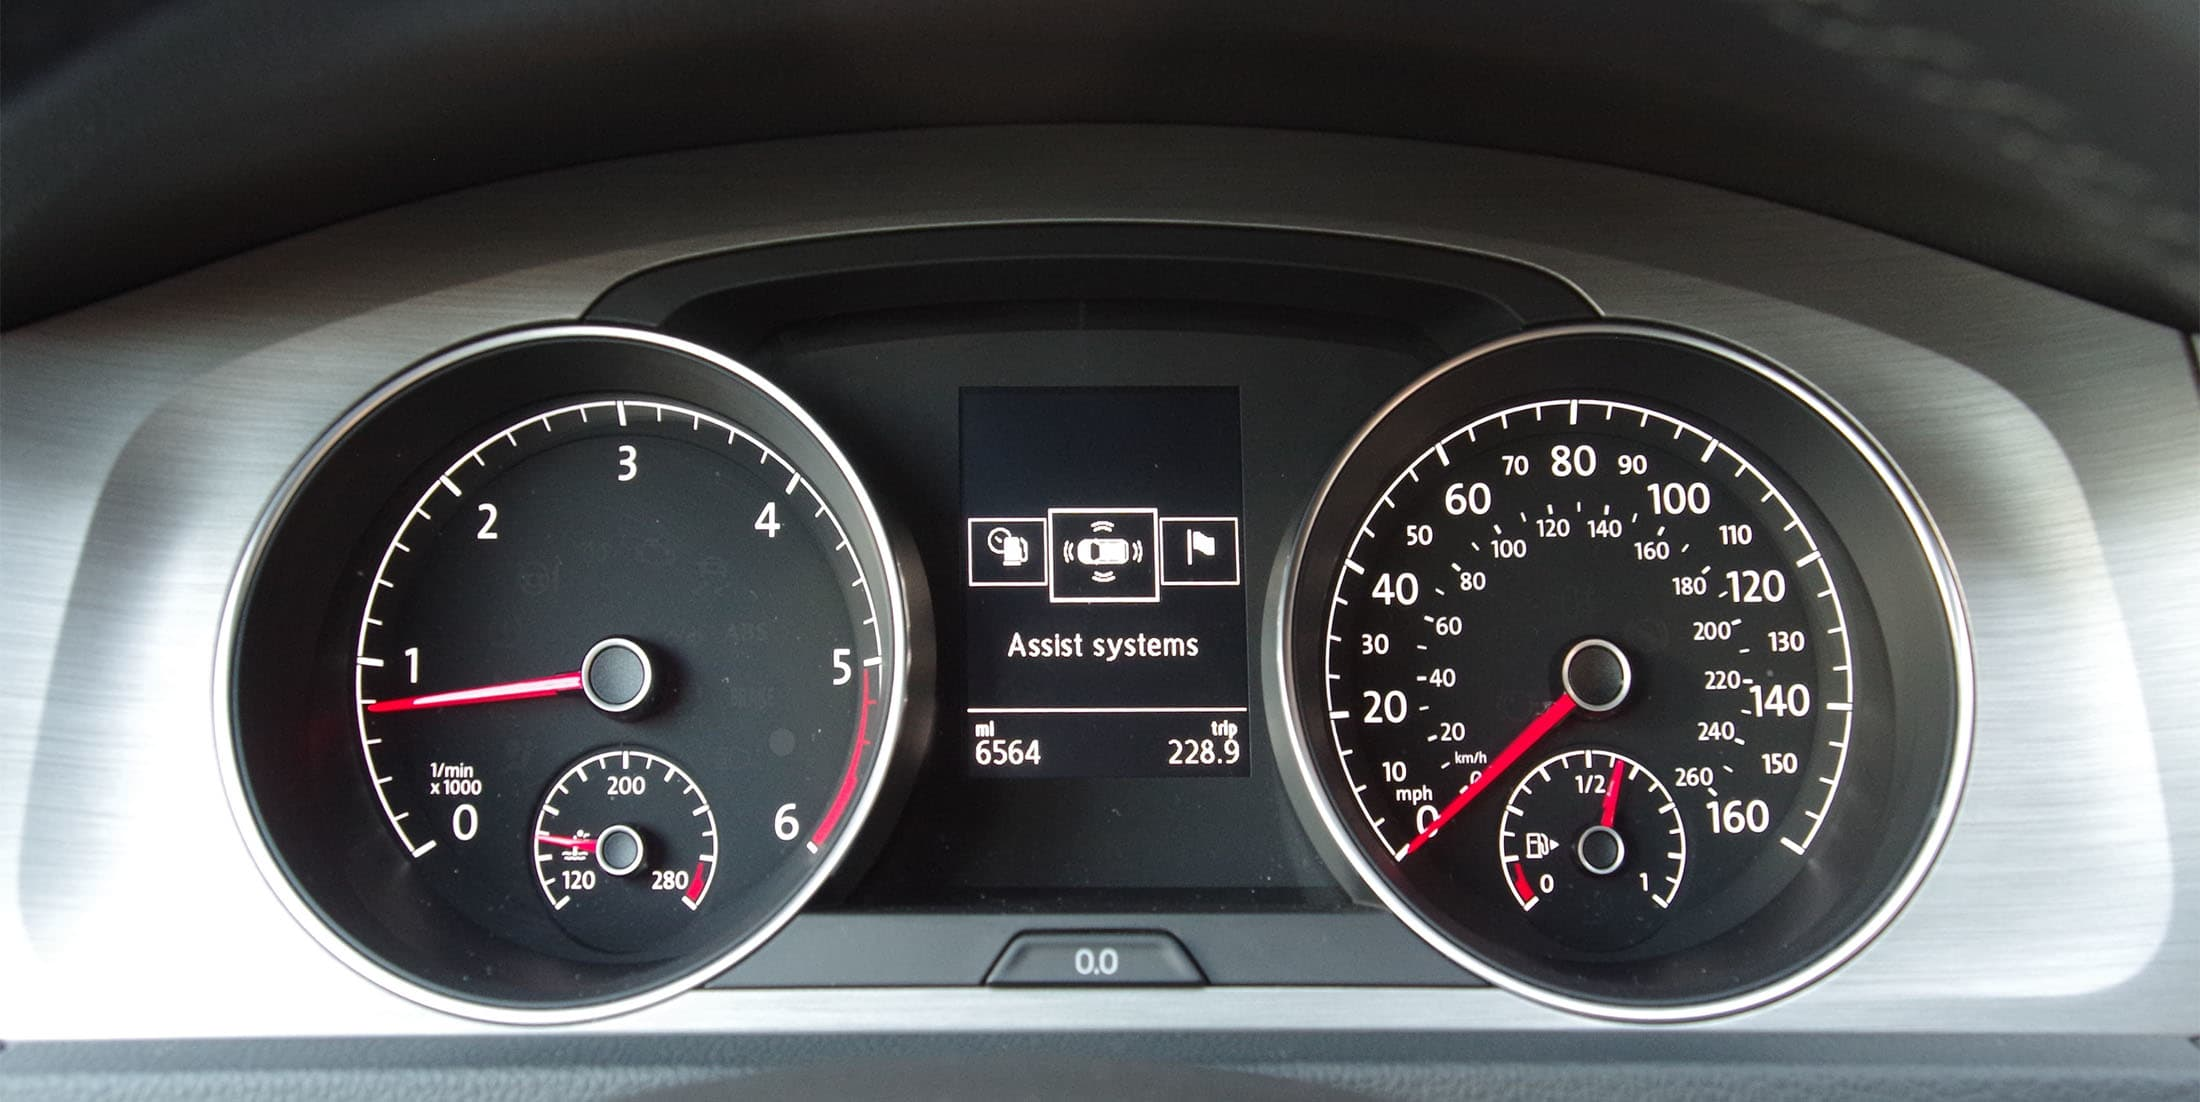 gauge cluster on the 2015 VW Golf